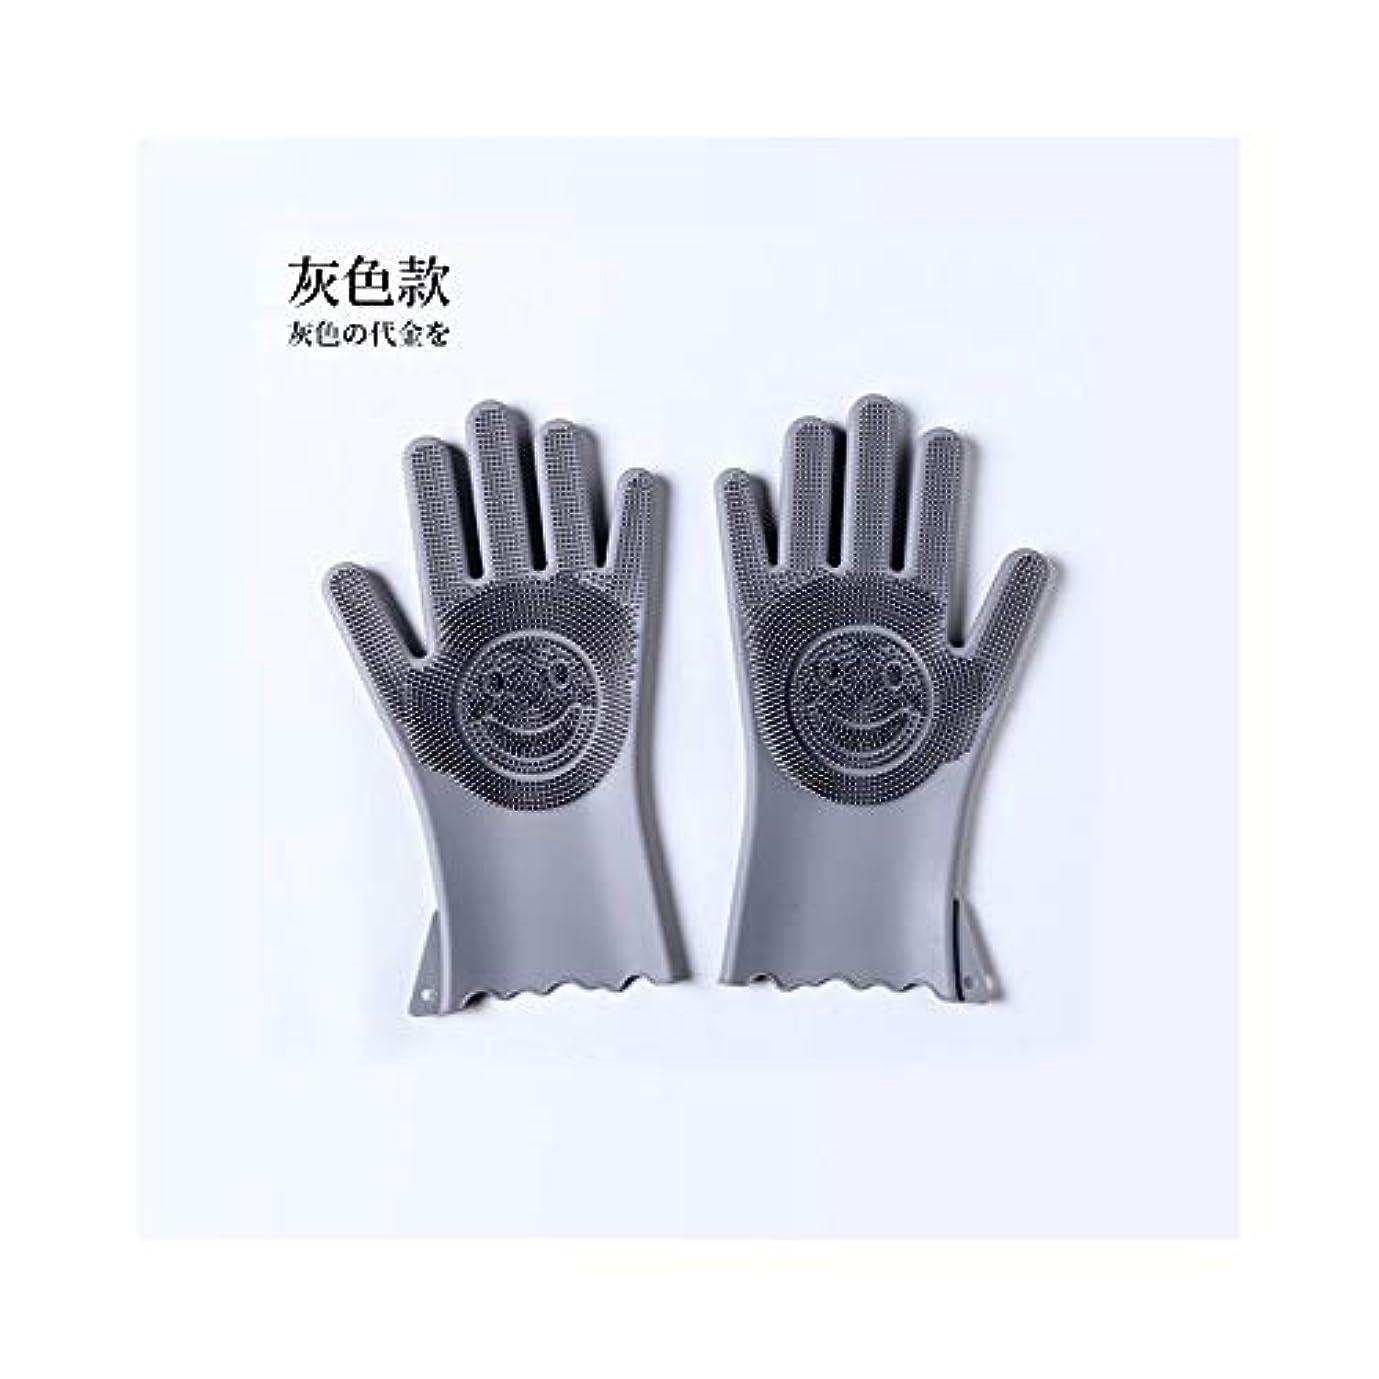 綺麗な詐欺師雲ニトリルゴム手袋 作業用手袋防水厚くて丈夫なシリコーン多機能キッチン家庭用手袋 使い捨て手袋 (Color : Gray, Size : M)